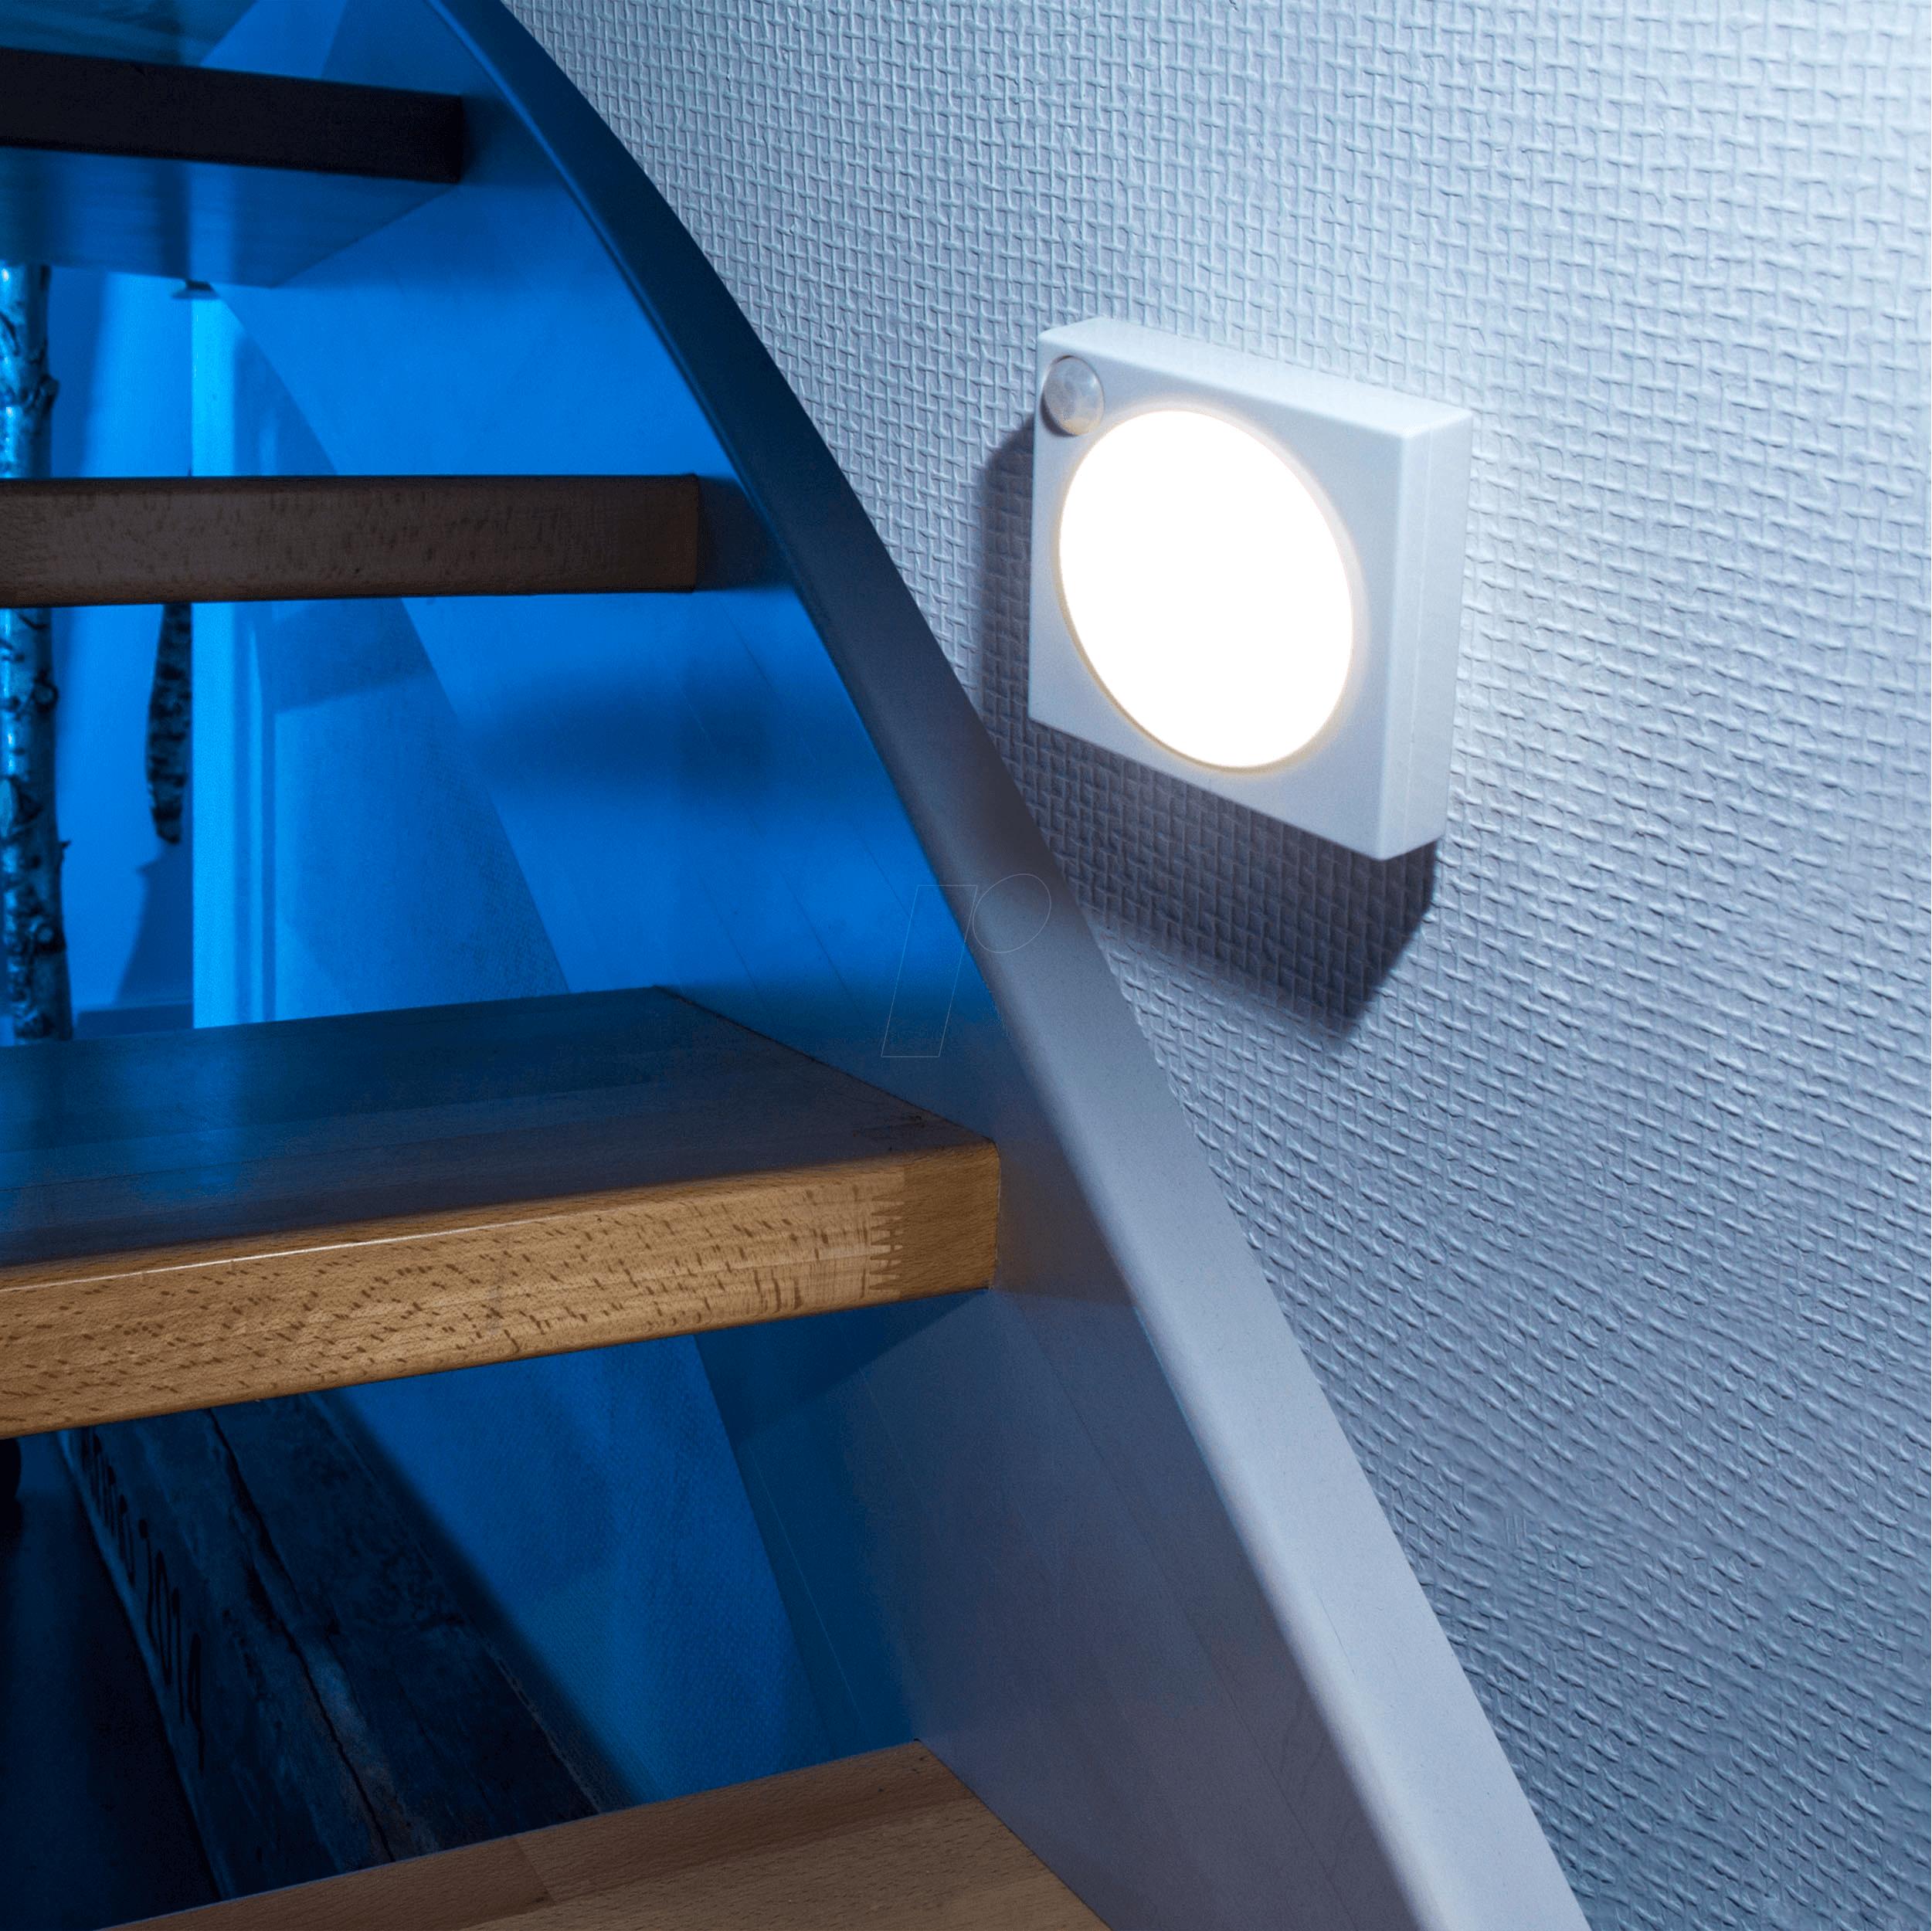 ANS 1600-0095 - ANSMANN LED Guide Free Motion